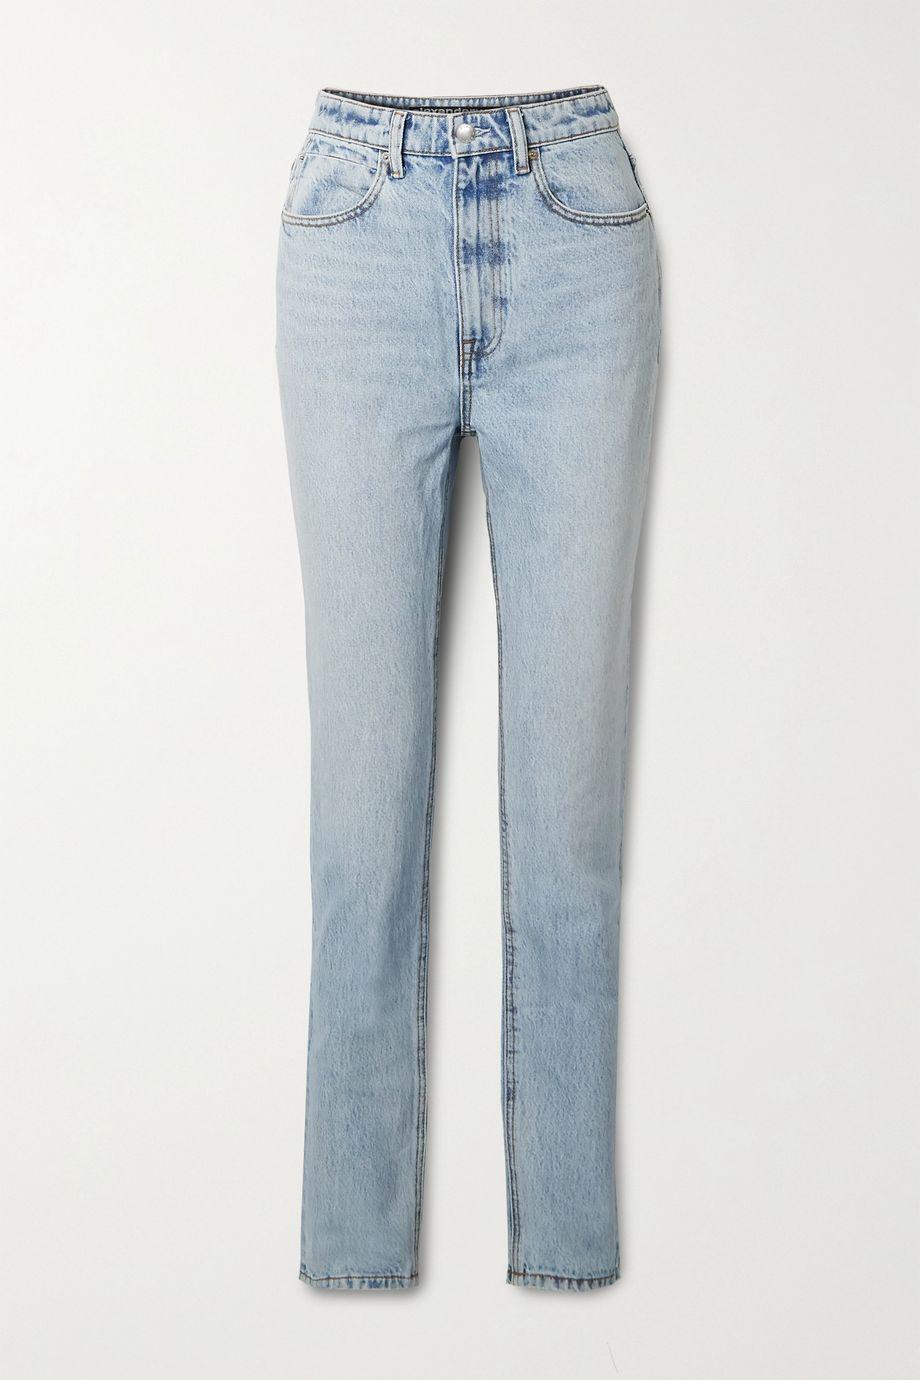 Alexander Wang High-rise straight-leg jeans